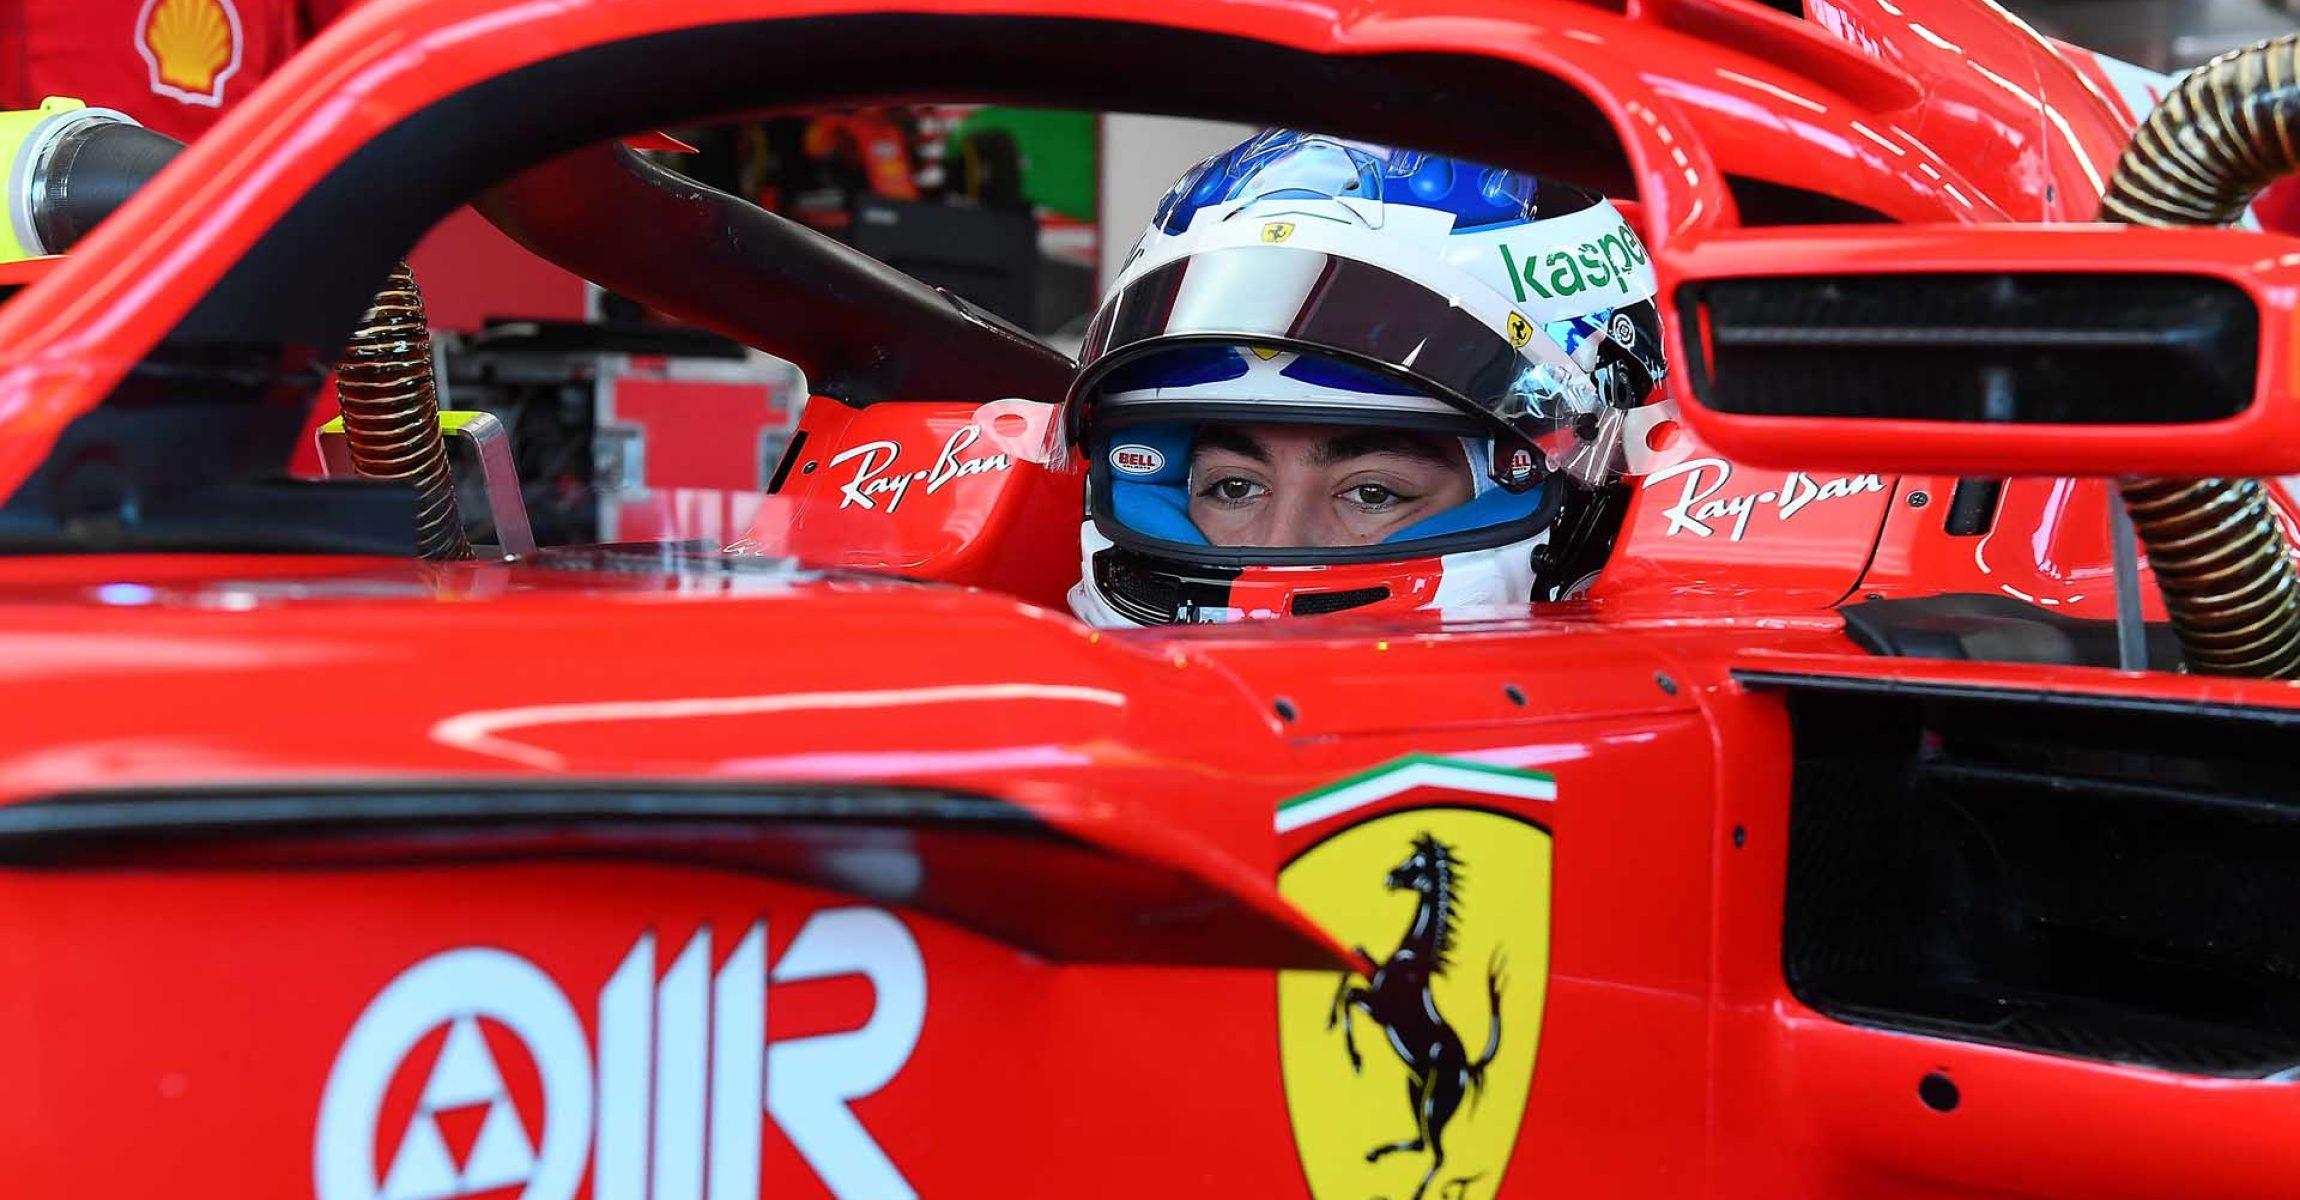 FDA TEST FIORANO - LUNEDì 25/01/21 - GIULIANO ALESI  credit: @Scuderia Ferrari Press Office